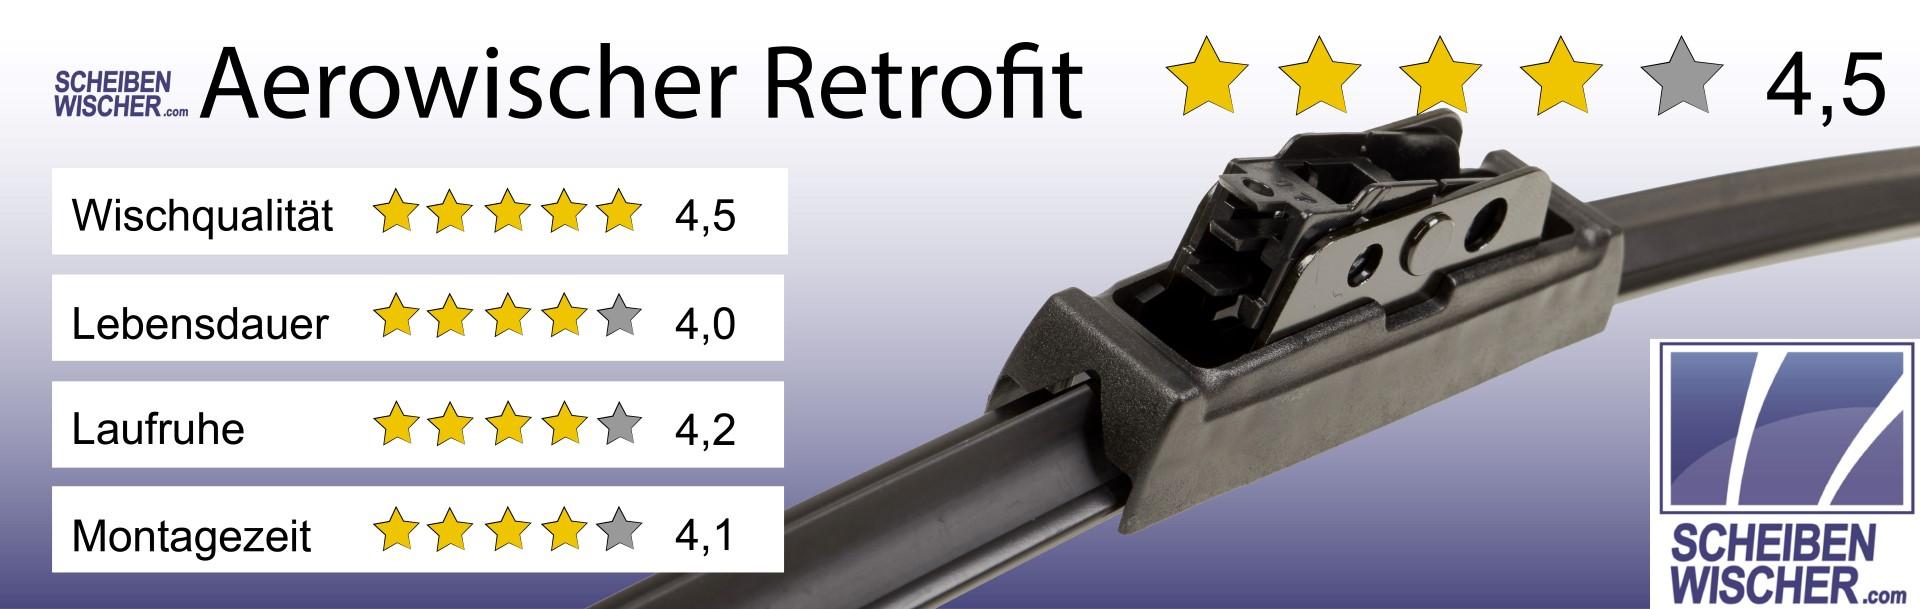 Aerowischer Retrofit - der Besserwischer